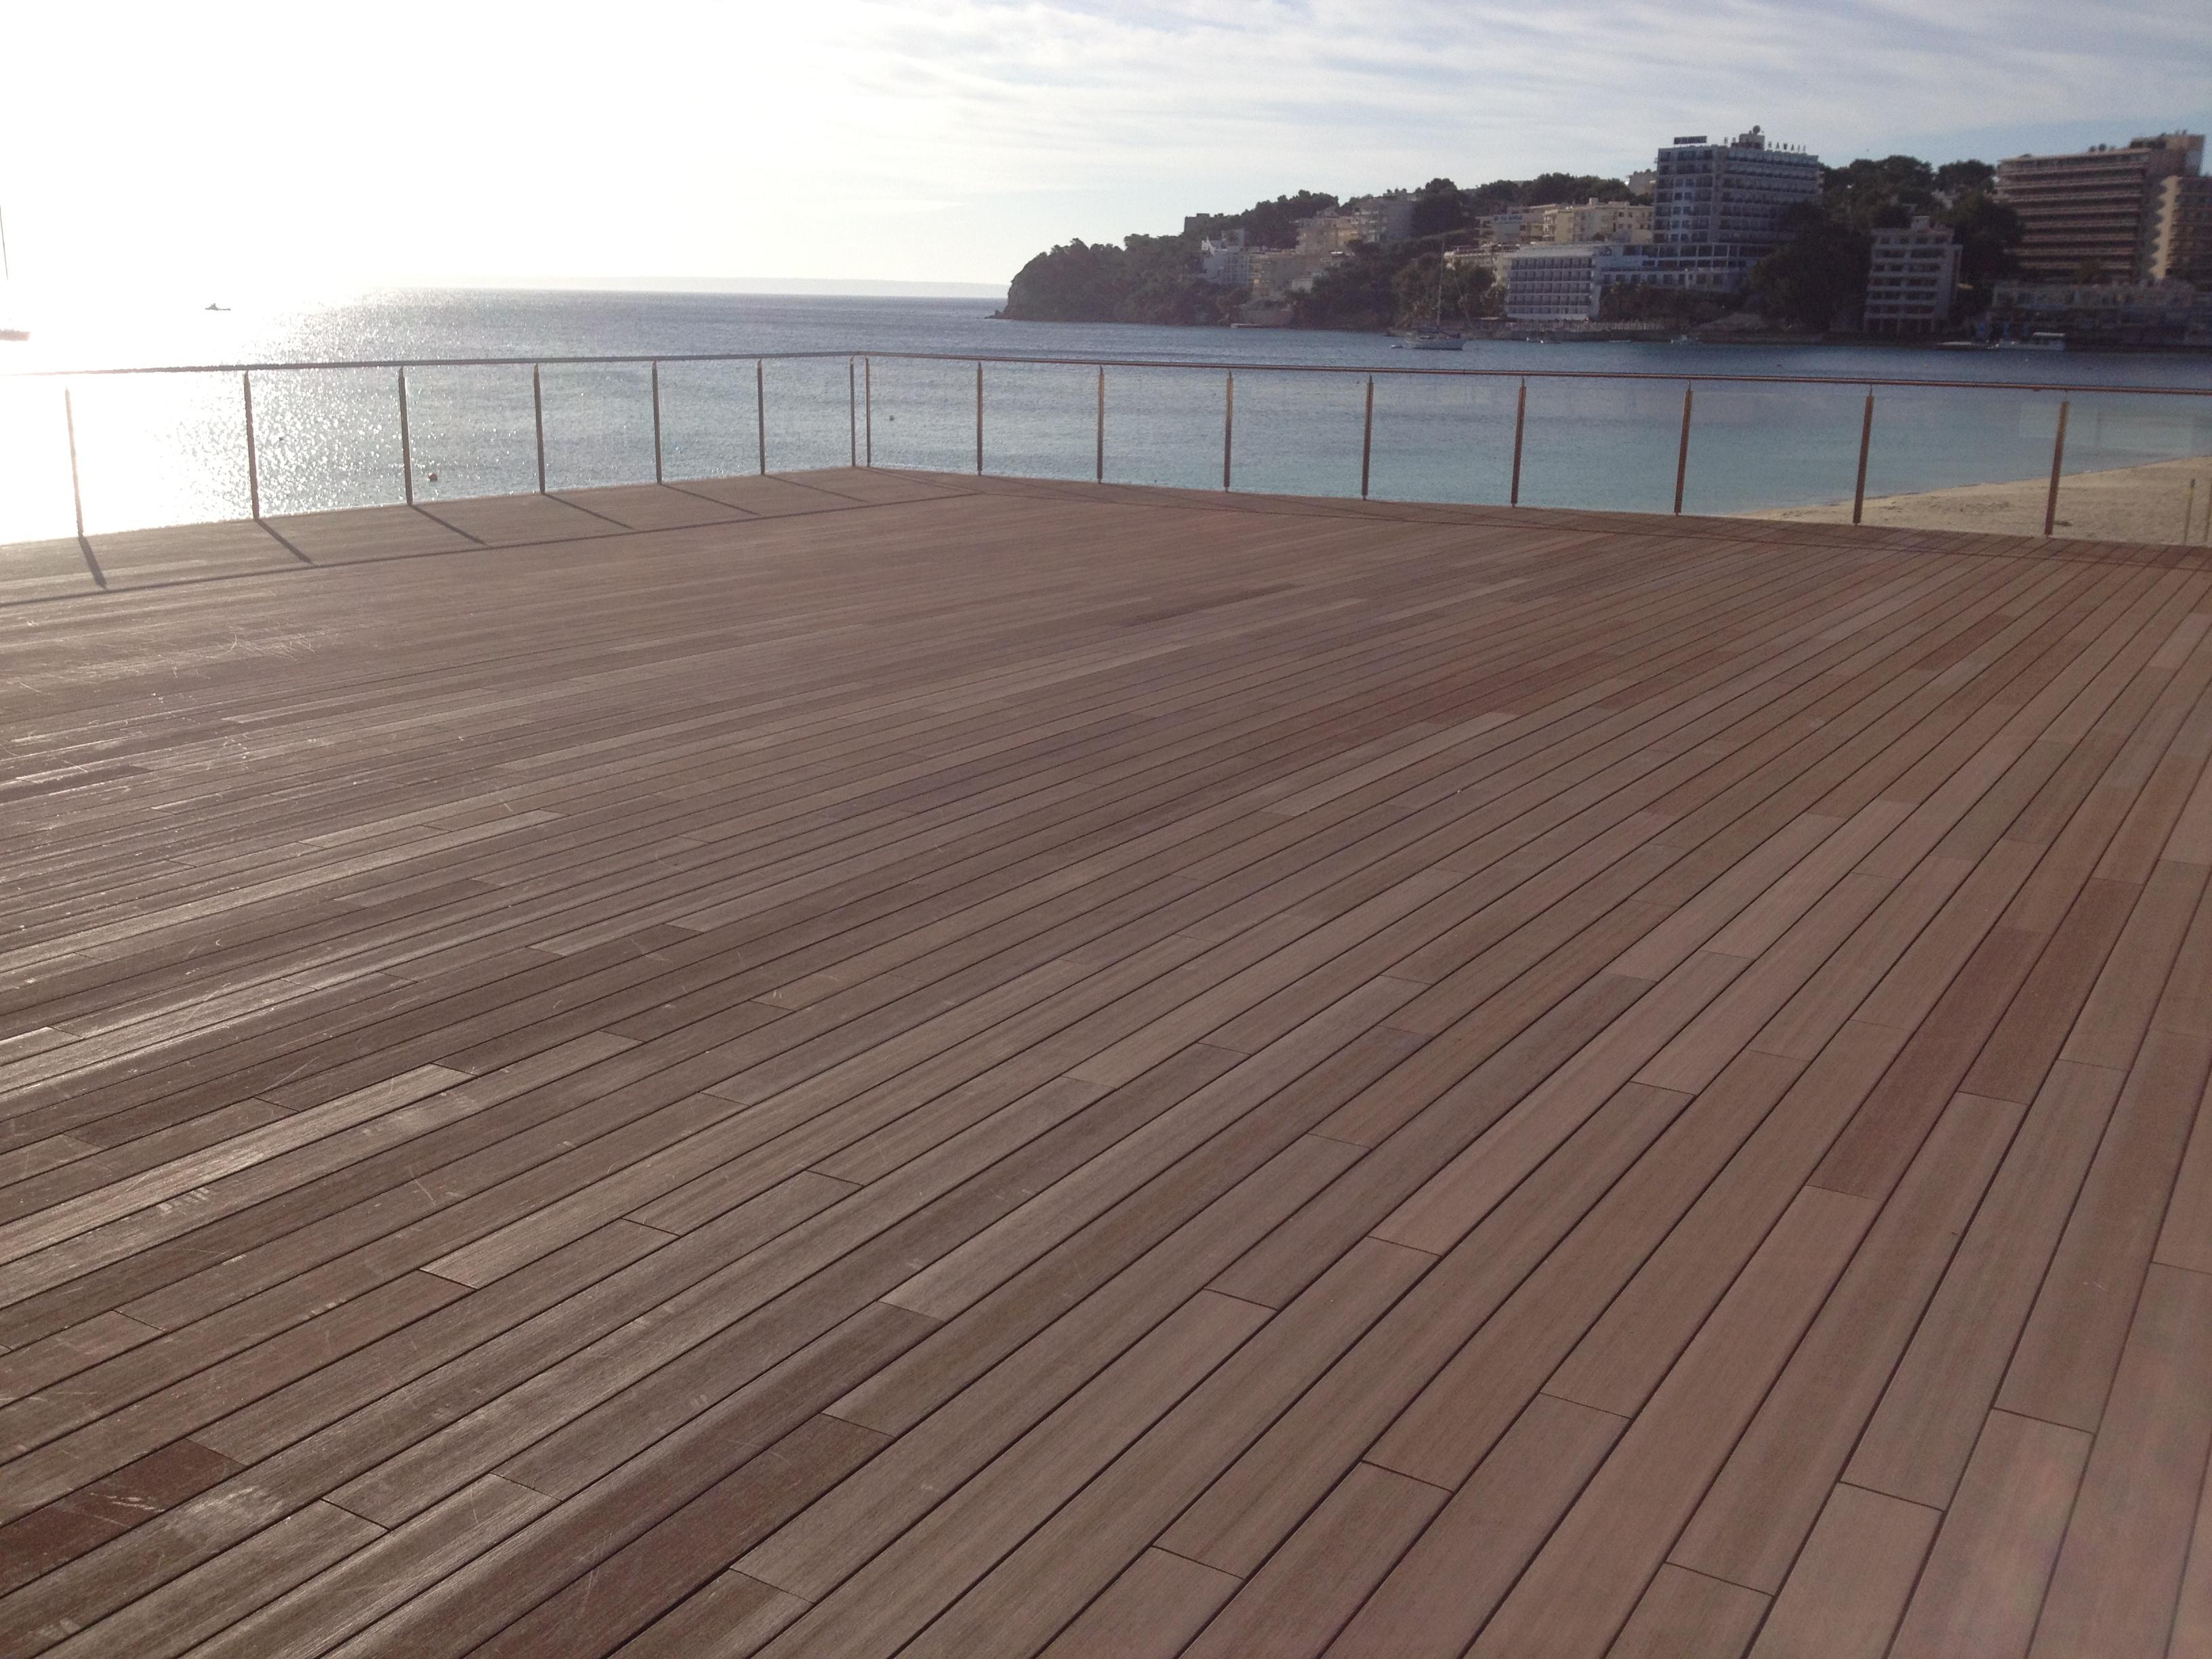 Suelo de madera sint tica en el nuevo sol rium del hotel - Suelo de madera para terraza ...